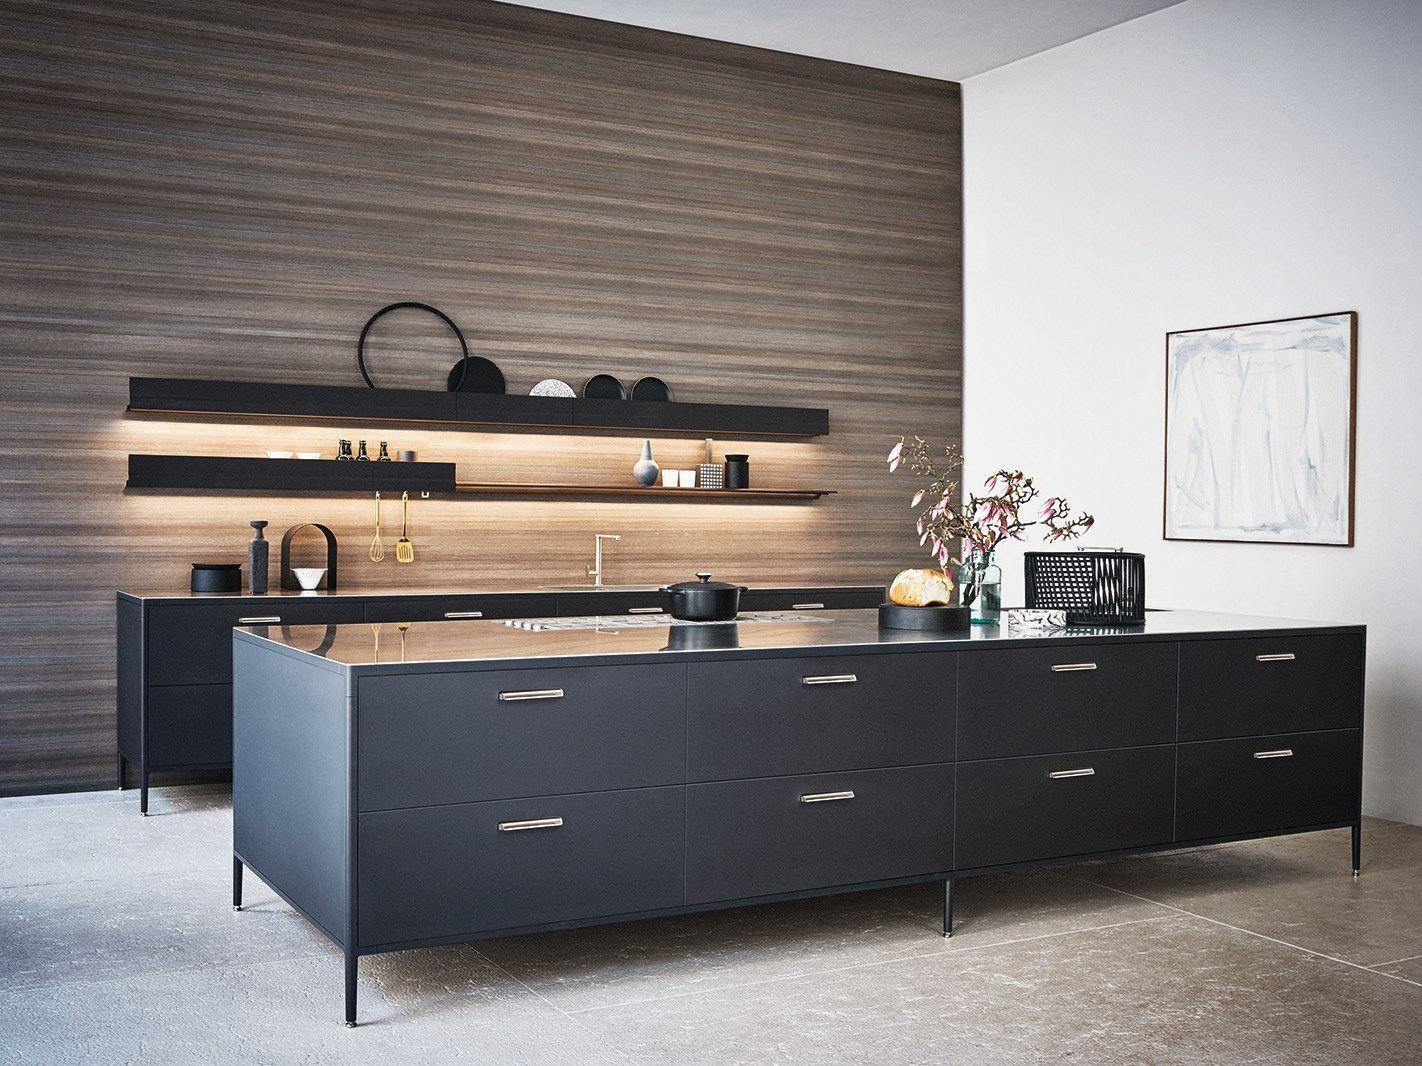 Modulare Küche modulare küche mit kücheninsel unit composizion 4 by cesar